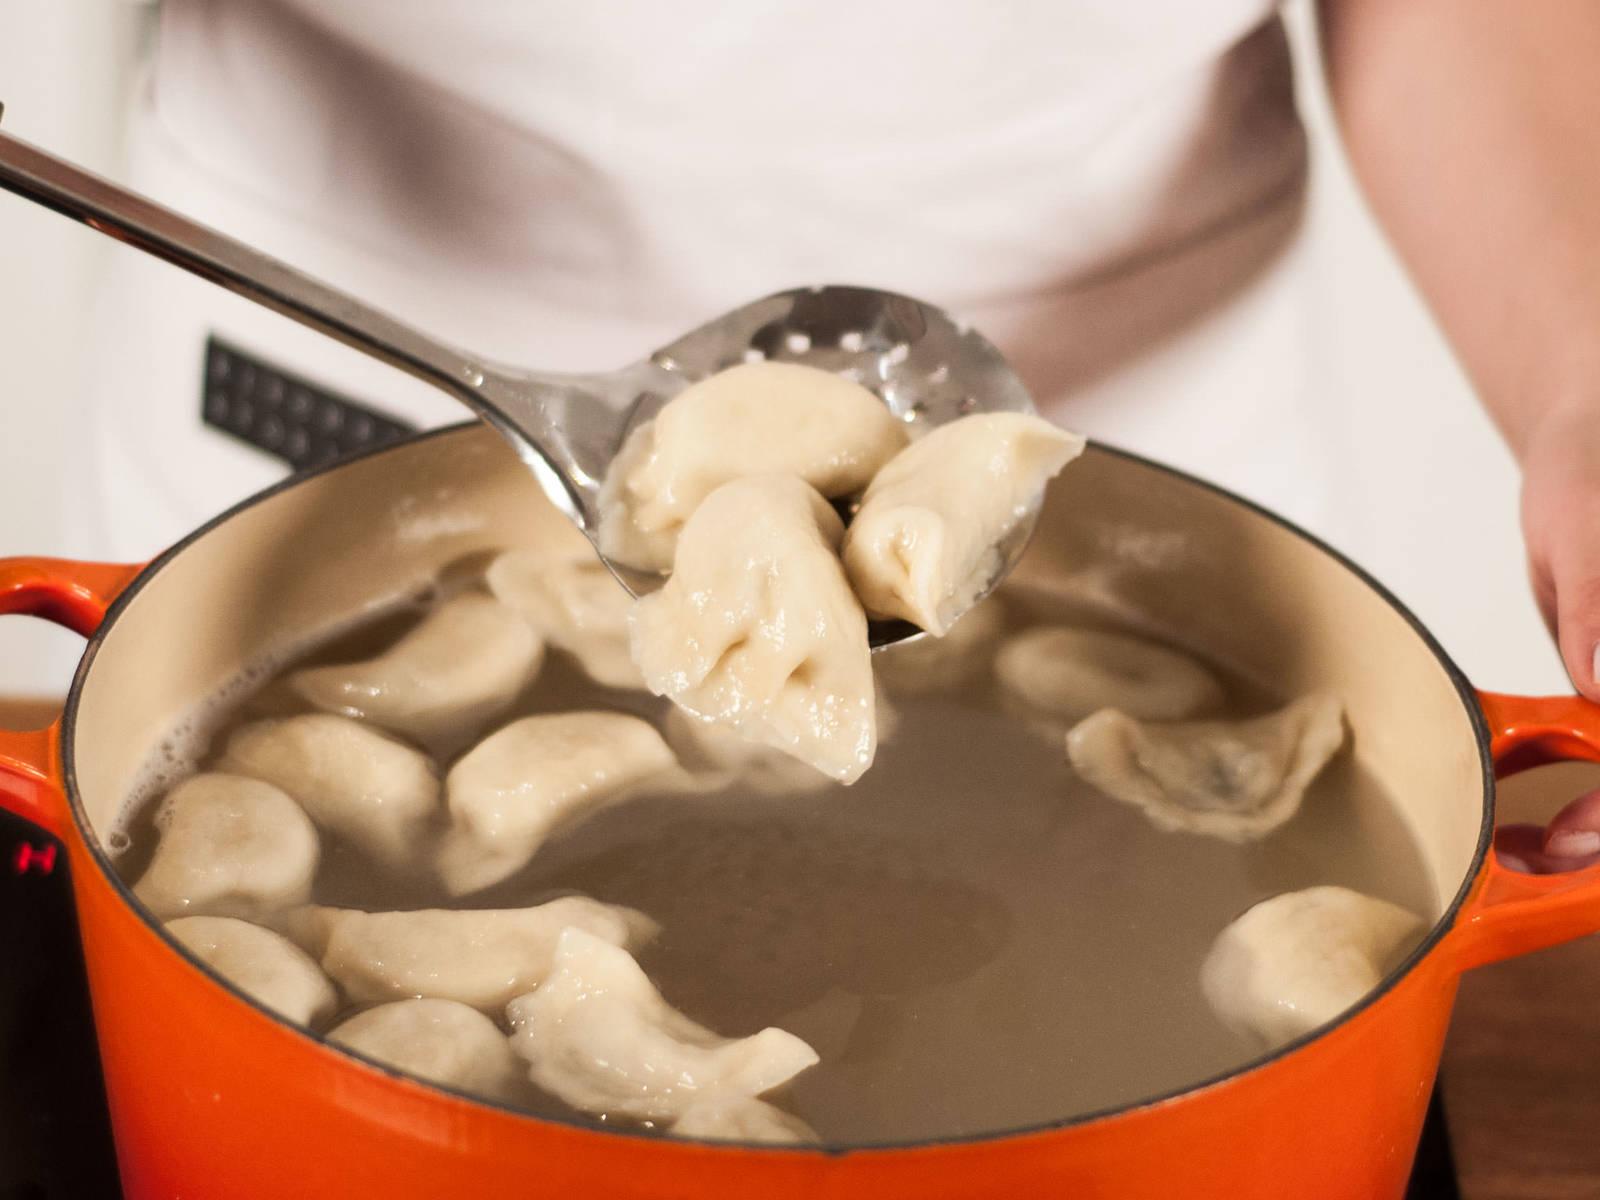 待第4次加入冷水后立即熄火,用漏勺将饺子捞入深盘中,倒掉盘中残留的水分。继续煮剩余的饺子。